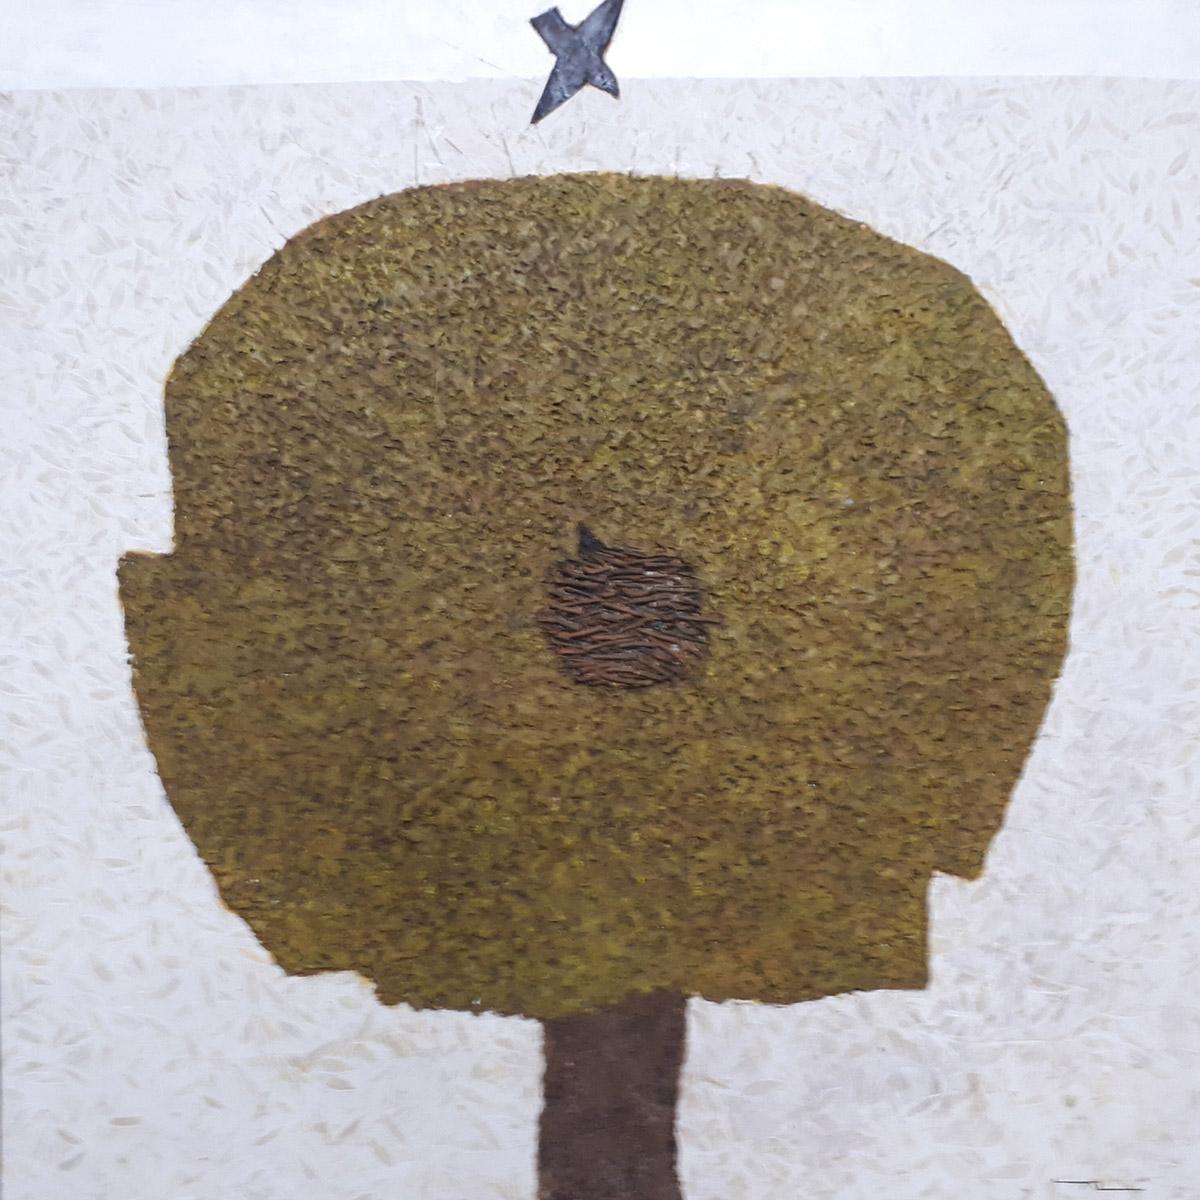 보금자리5︱72.5x72.5cm, Oil on canvas︱2019